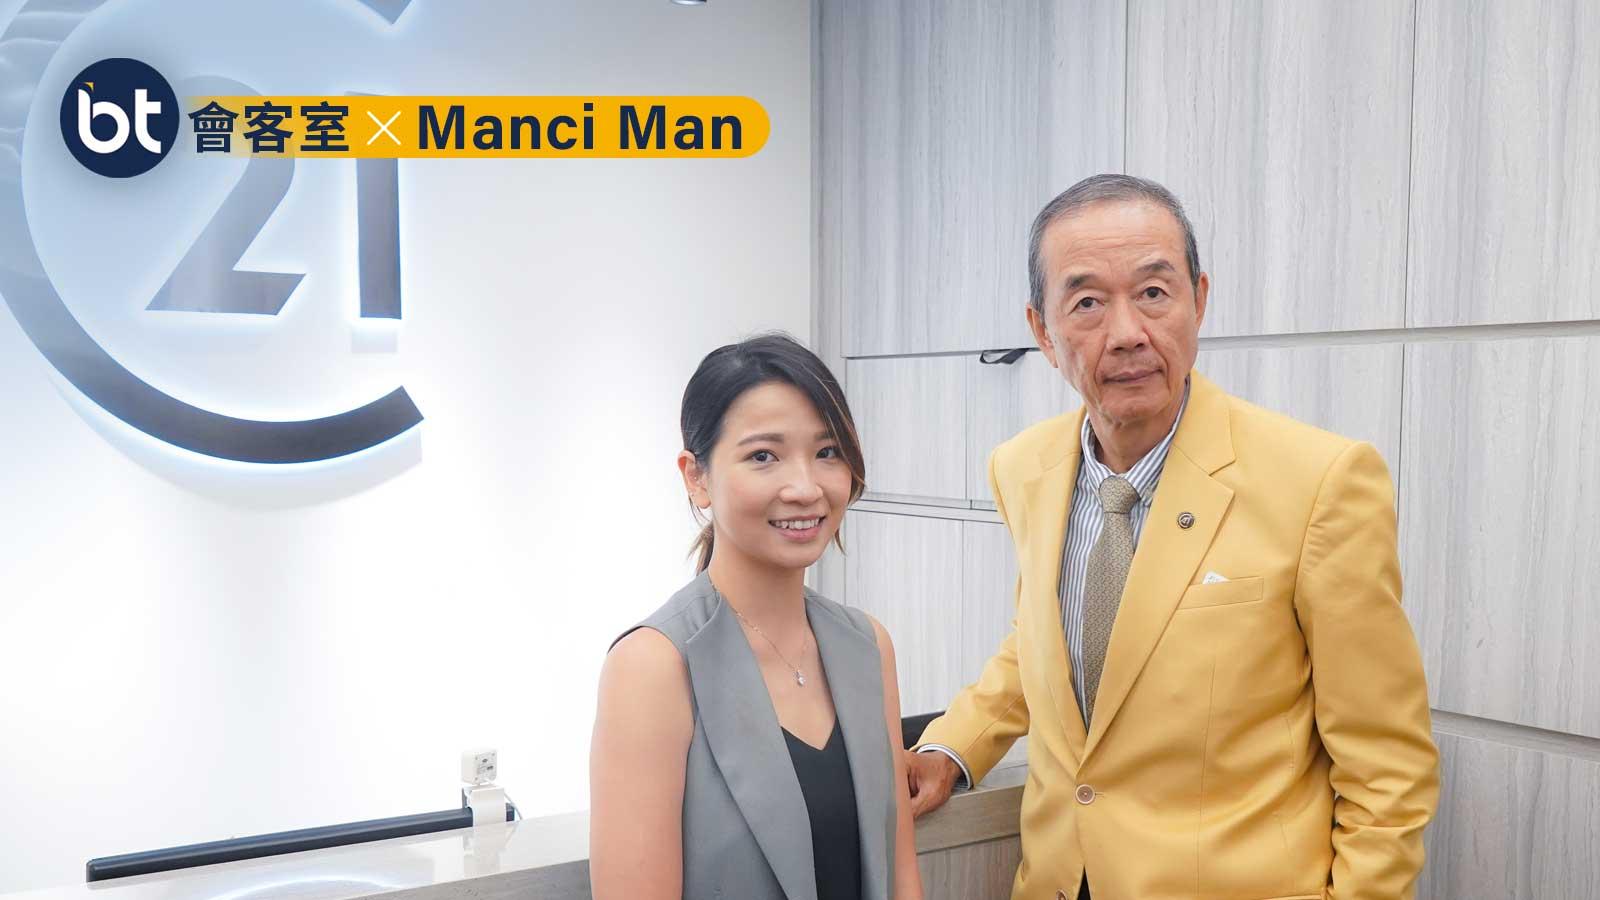 吳啟民專訪, 投資是一種儲錢方式, 港人上車方法總比困難多, BT會客室, BT專訪, manci man